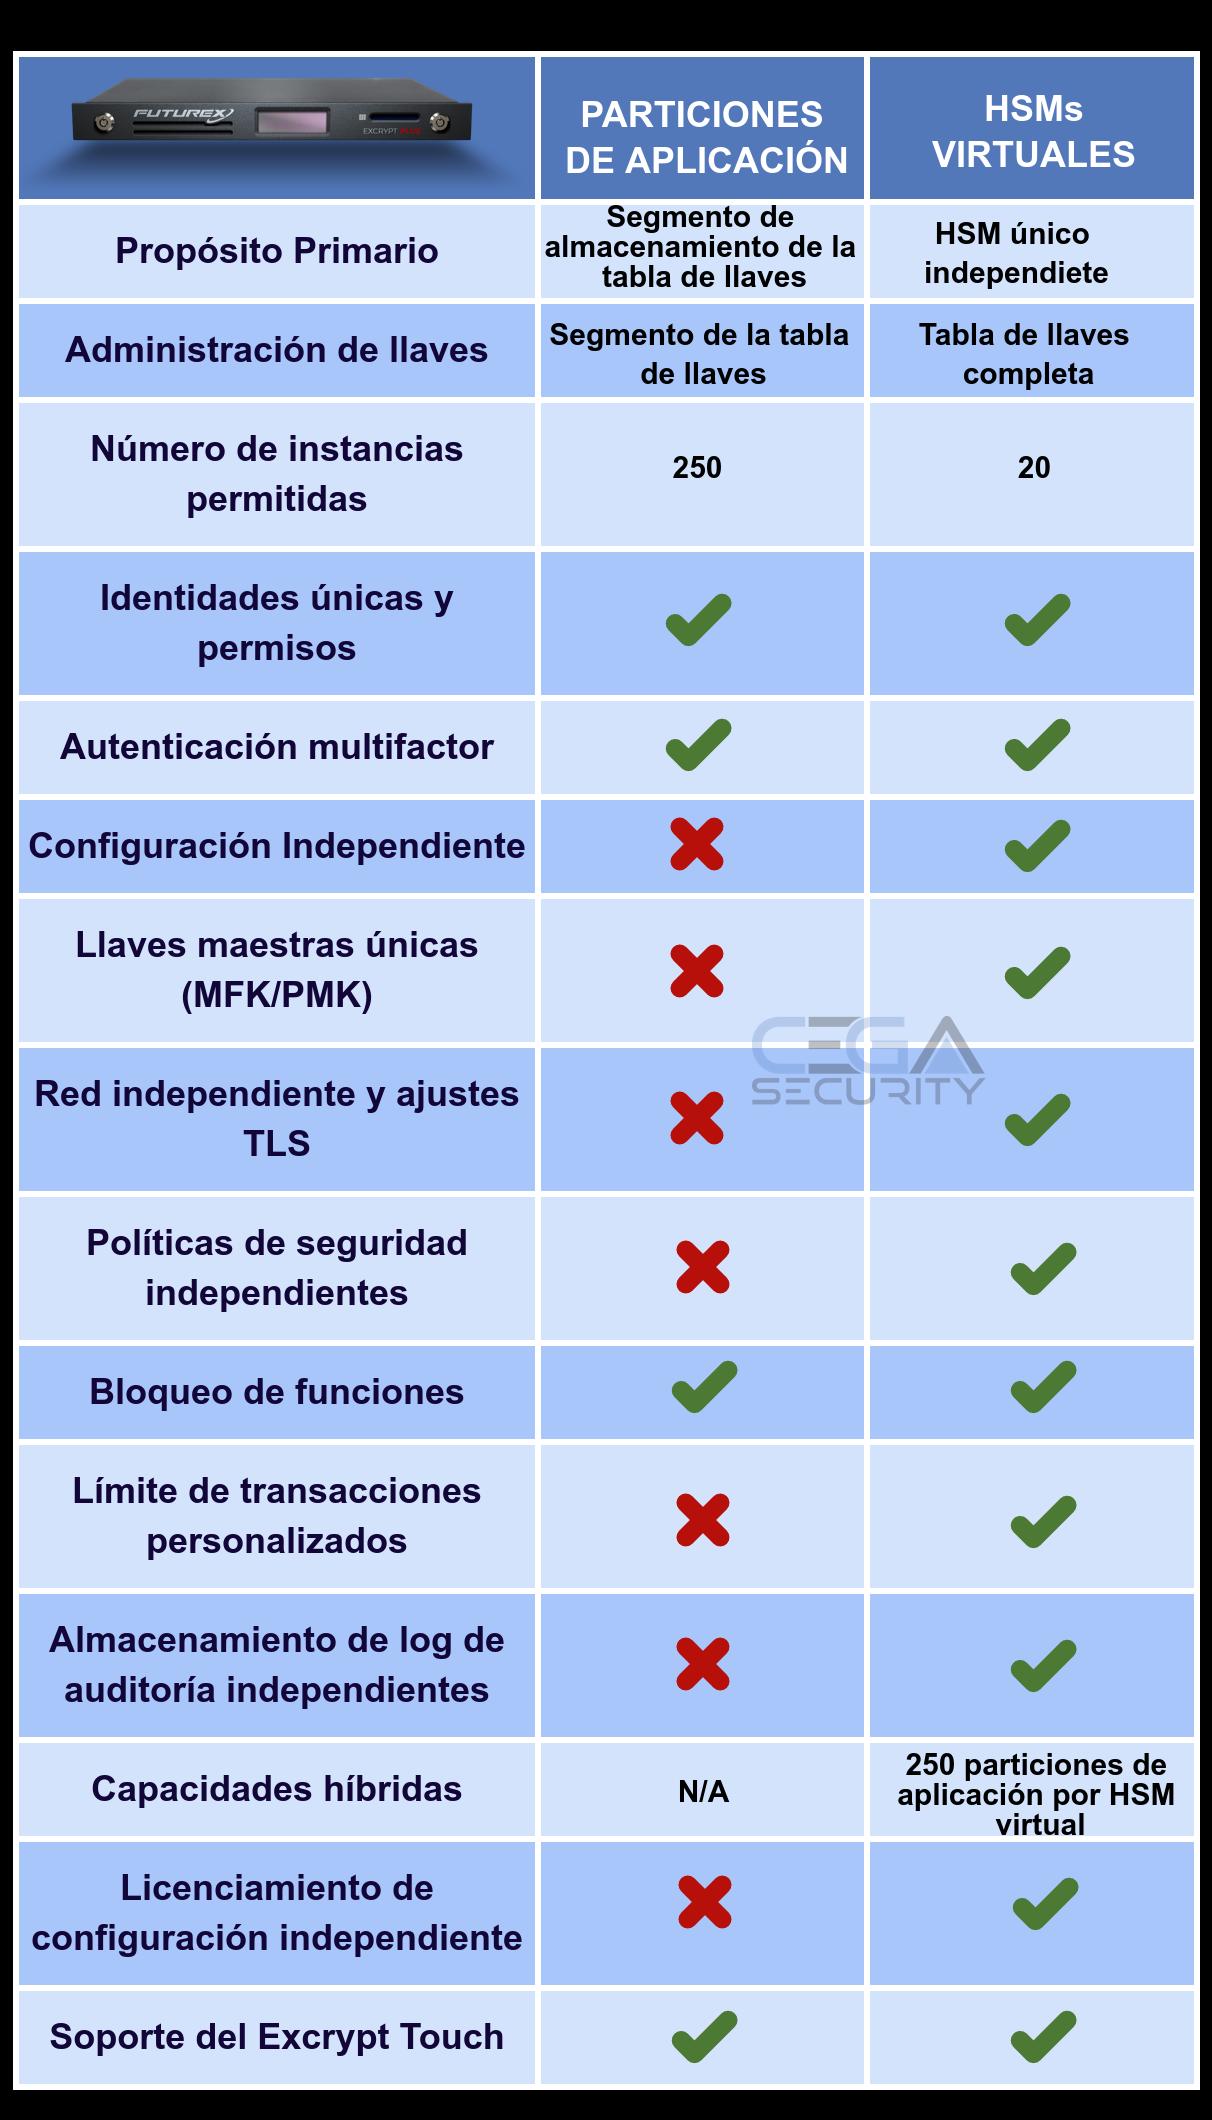 HSMs virtuales vs Particiones de Aplicación - CEGA Security